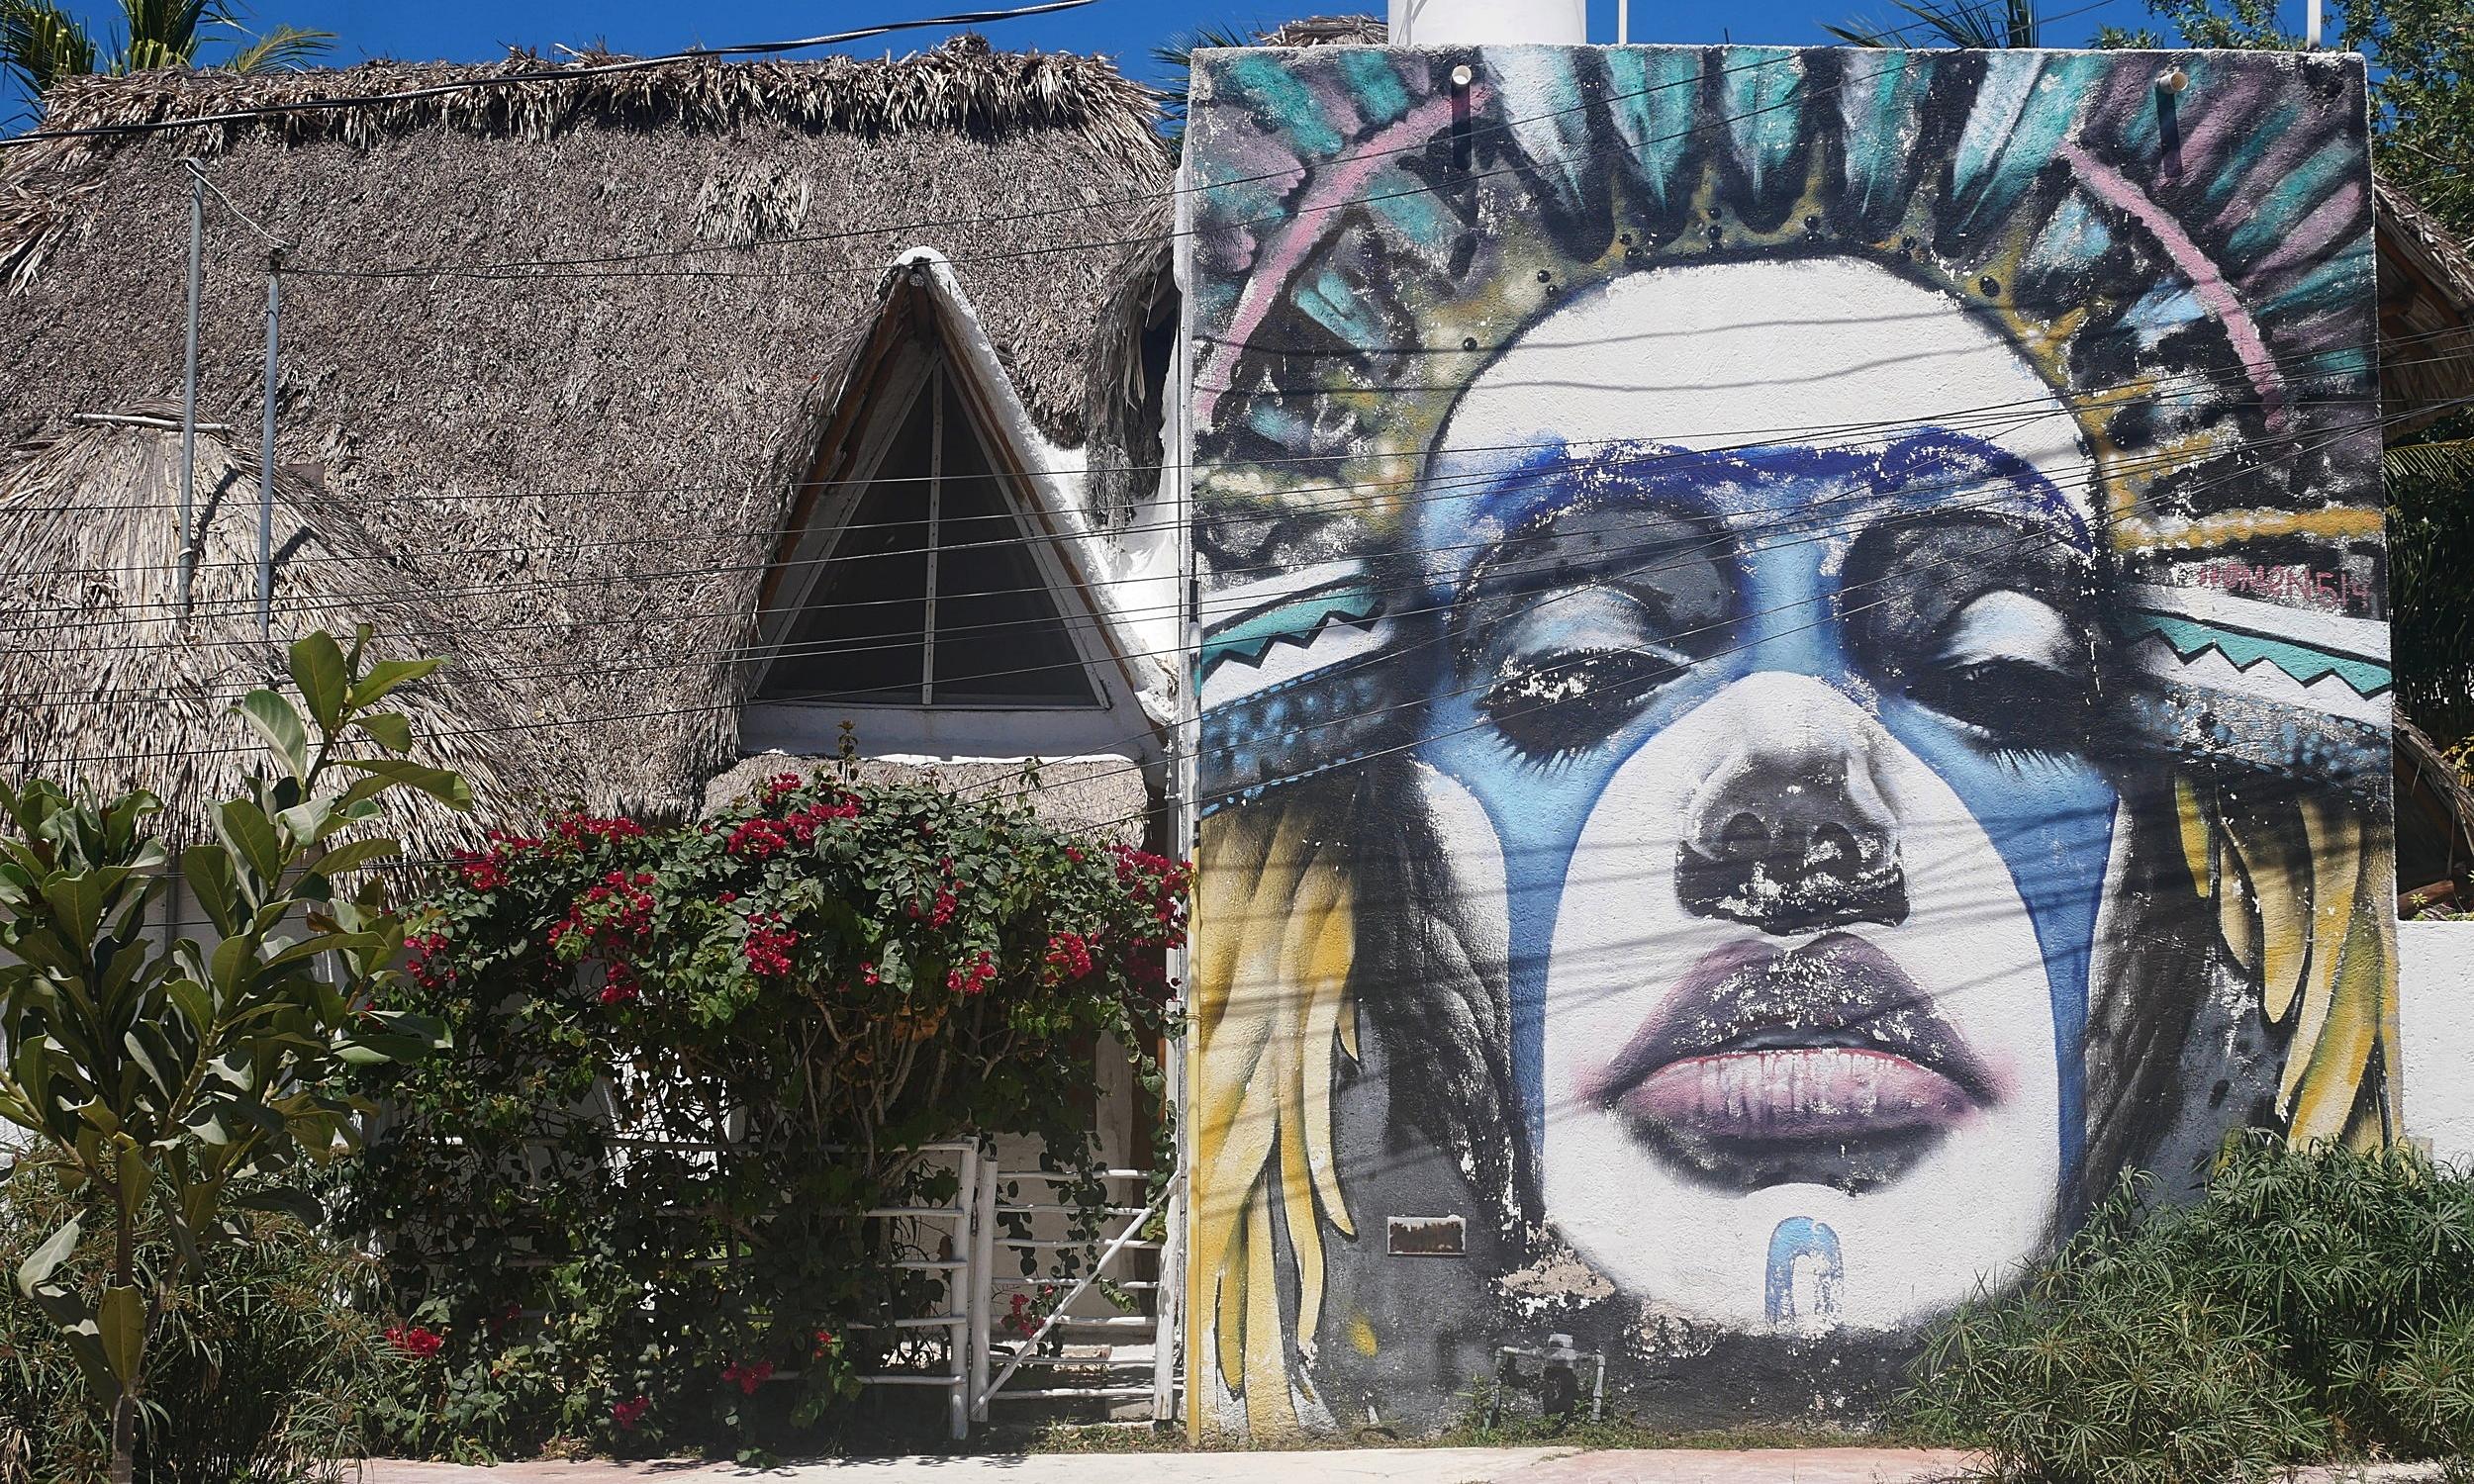 Some of Holbox's killer street art